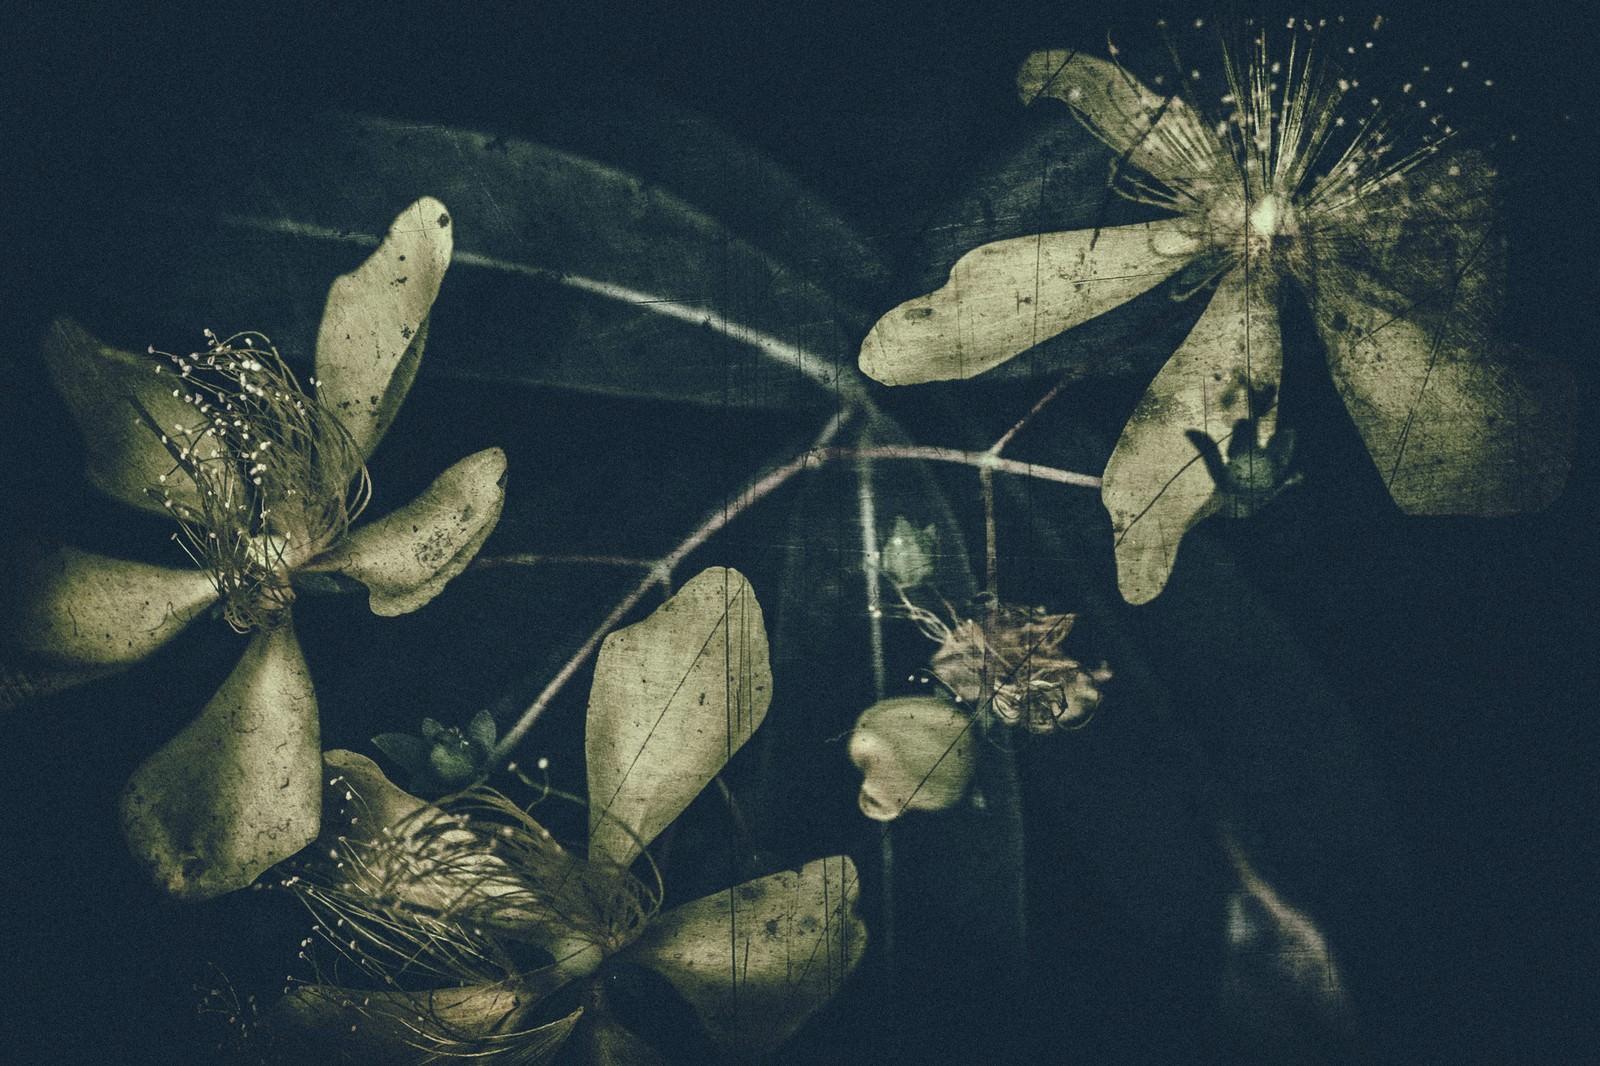 「朽ちゆく花の寿命朽ちゆく花の寿命」のフリー写真素材を拡大